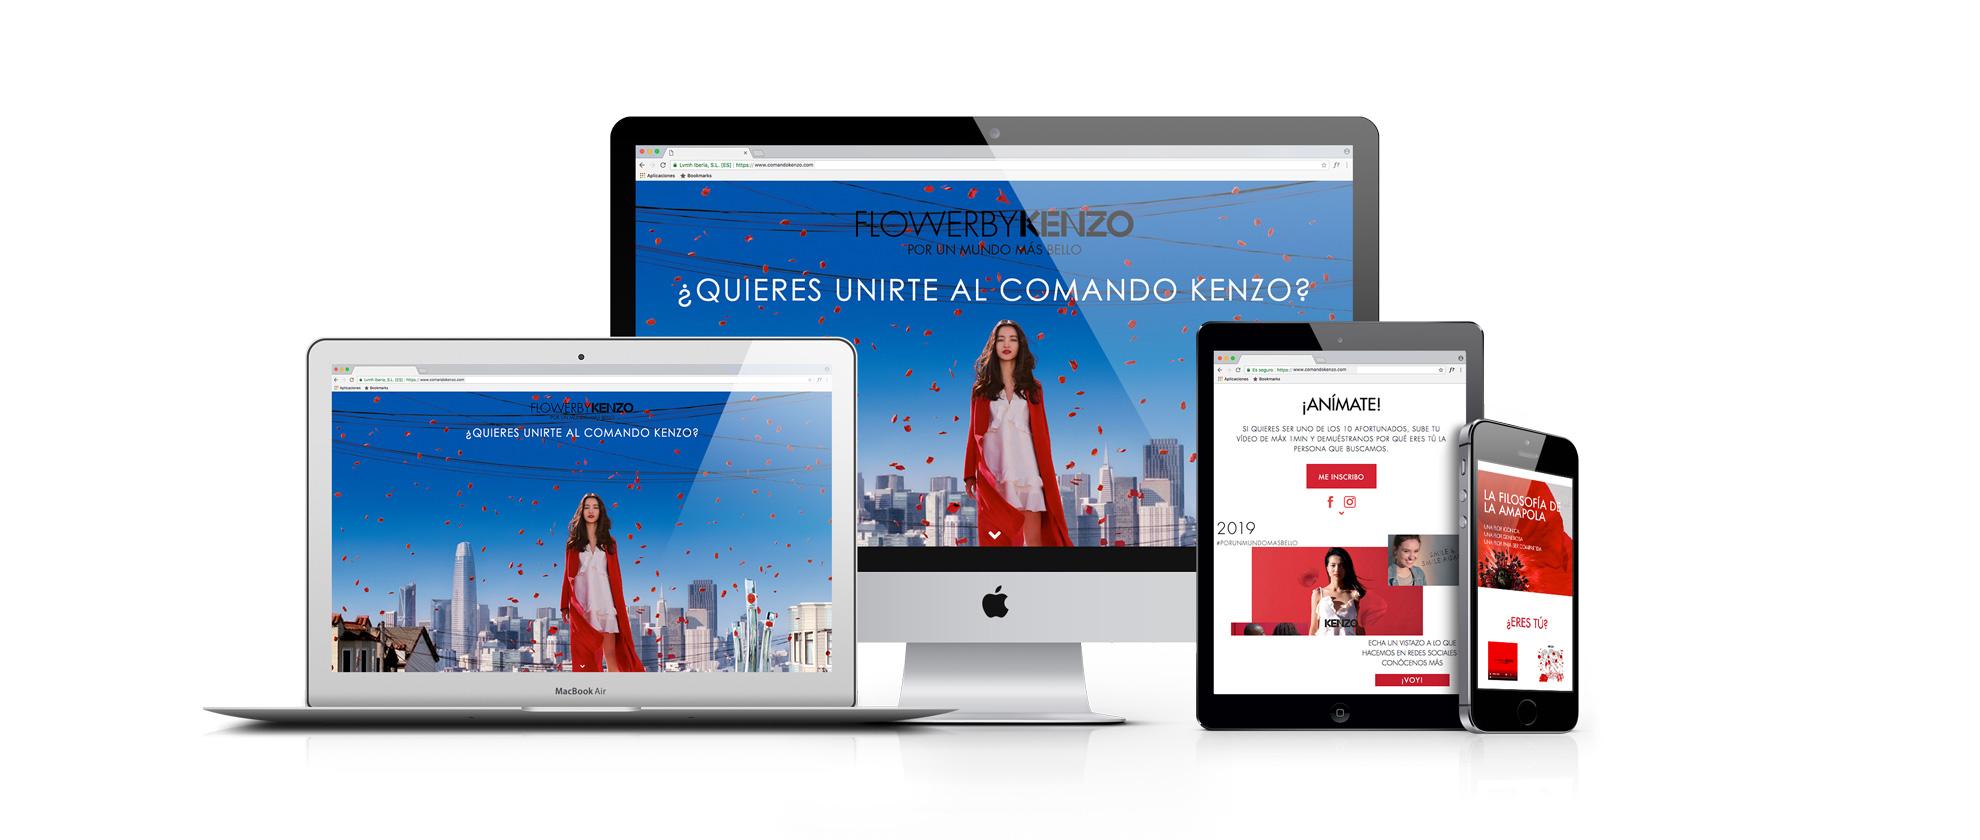 KE_mock-up_comando-kenzo